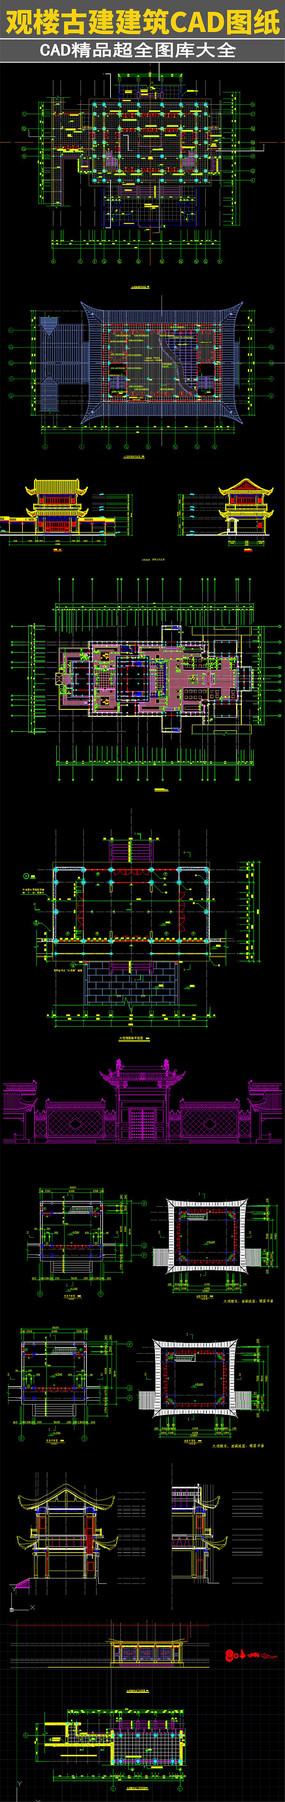 大观楼古建建筑CAD图